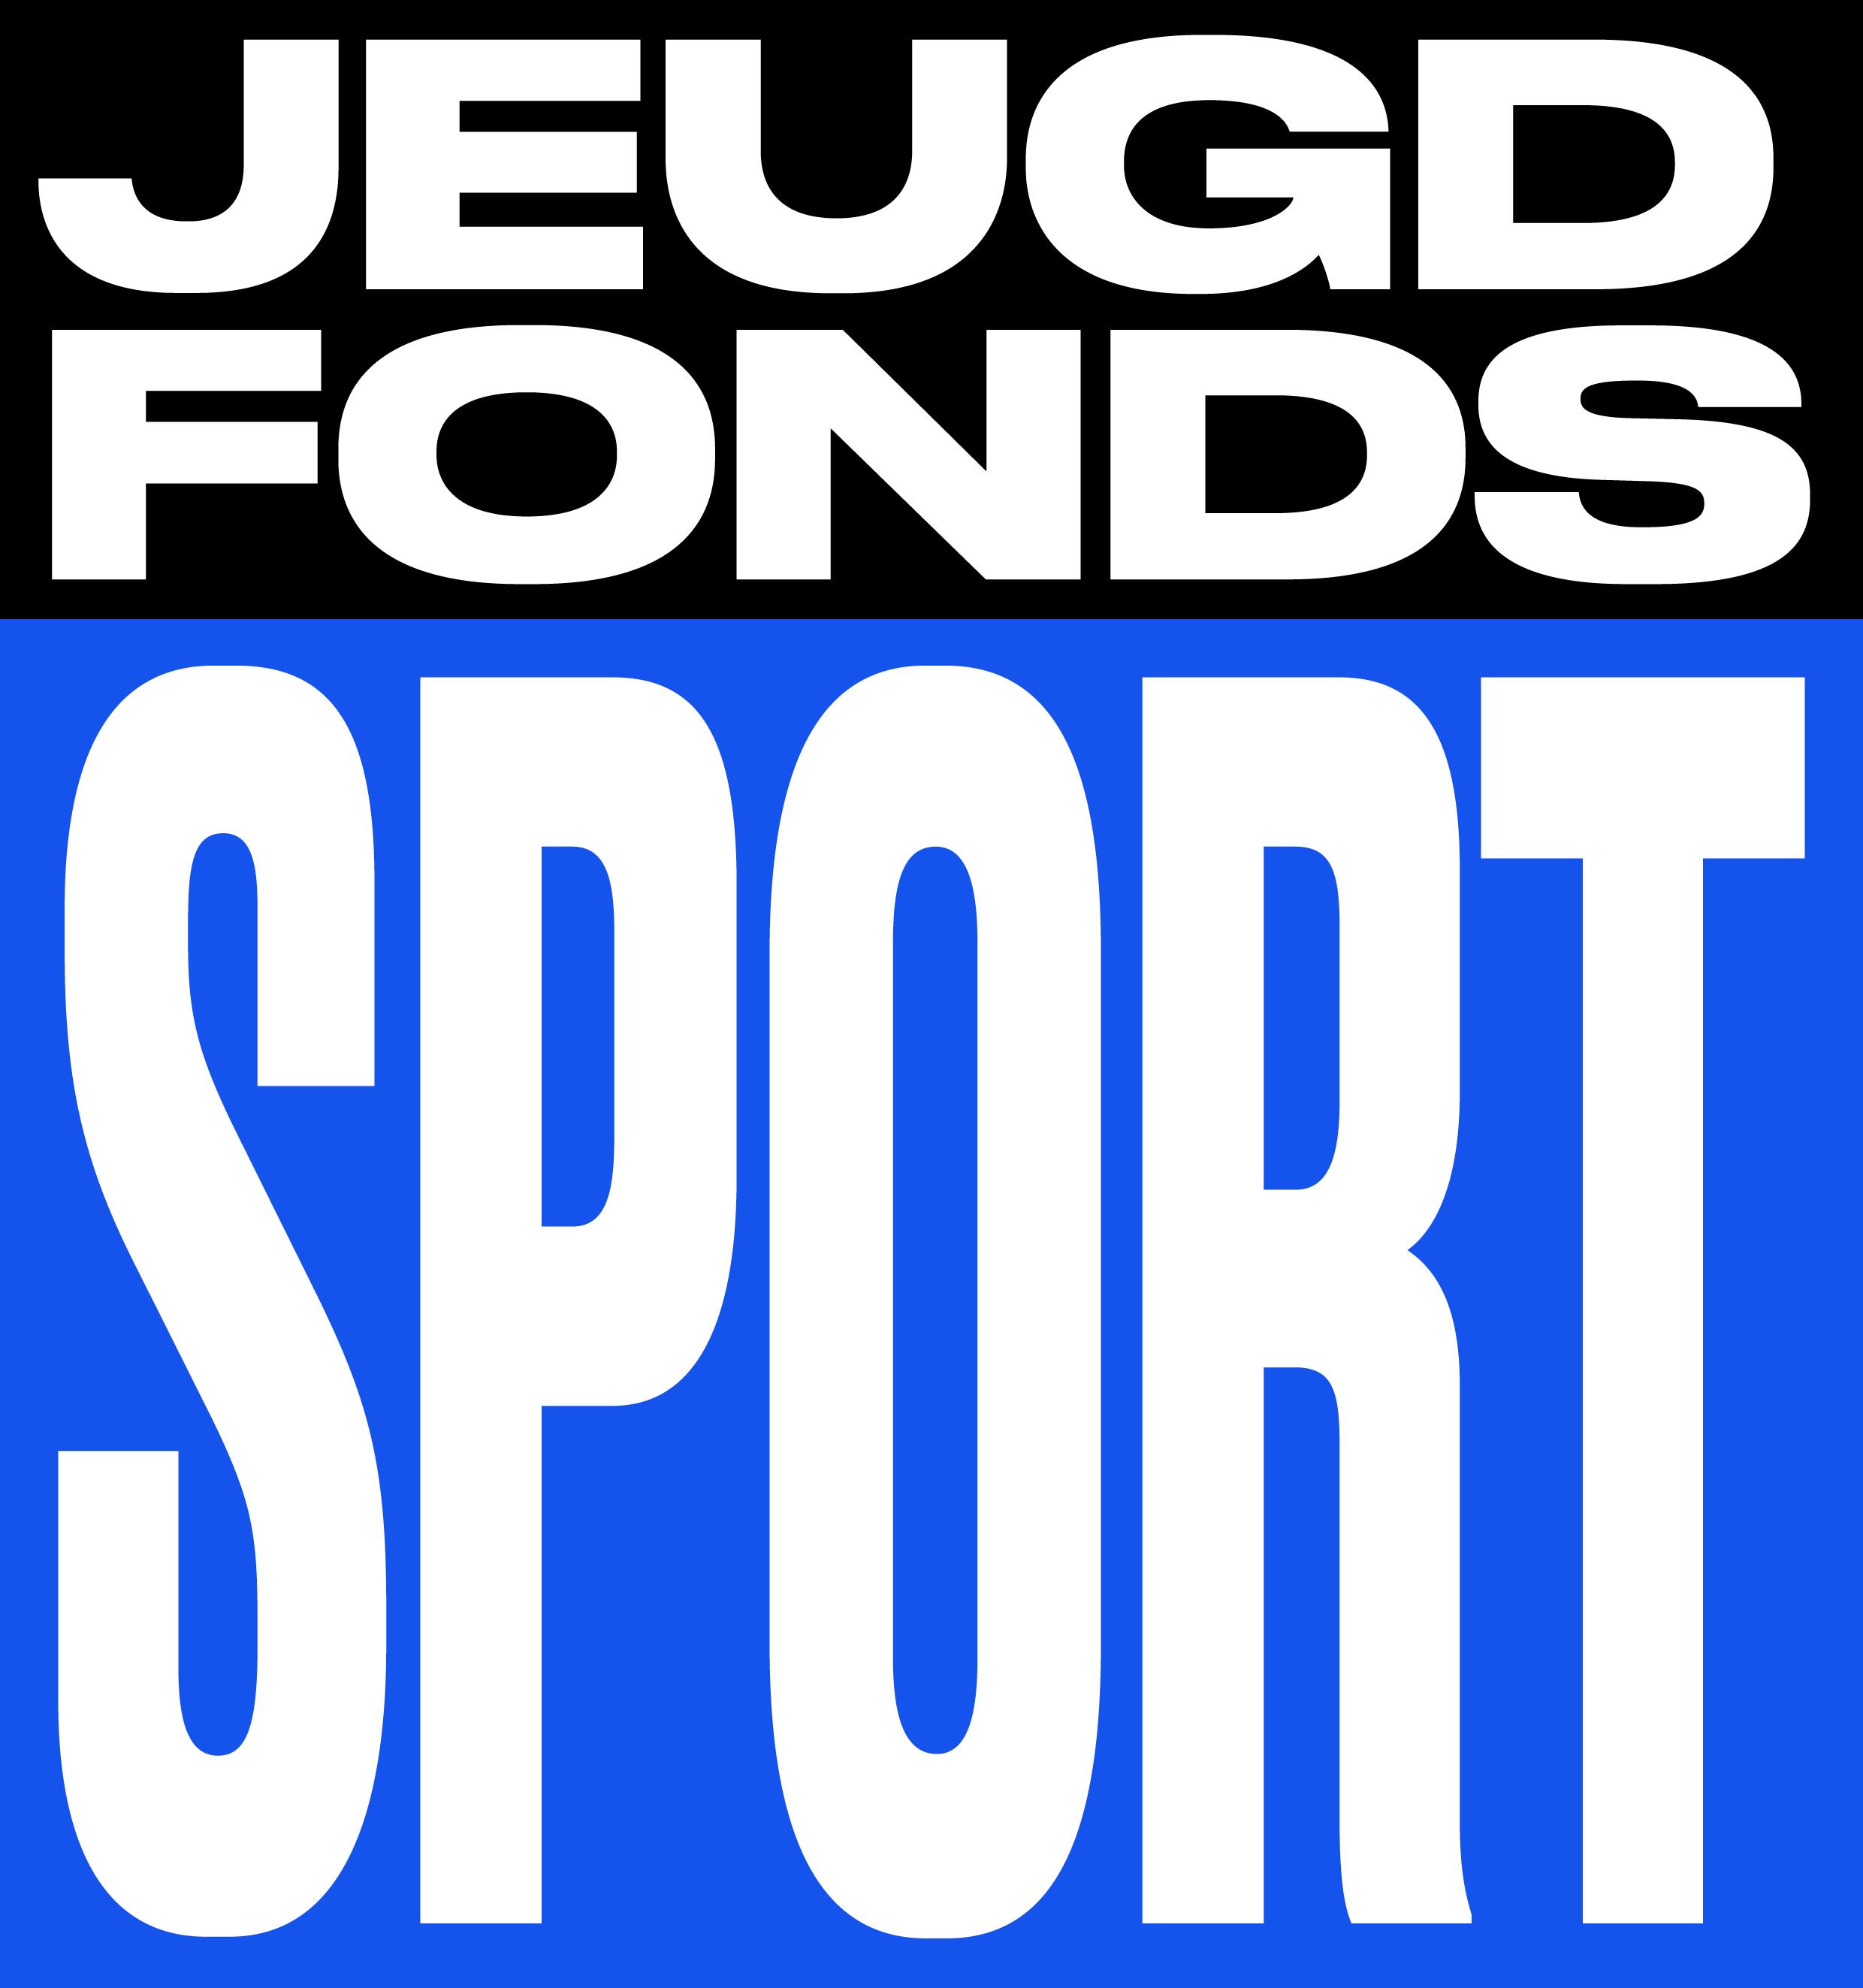 Logo Jeugdfonds Sport.png